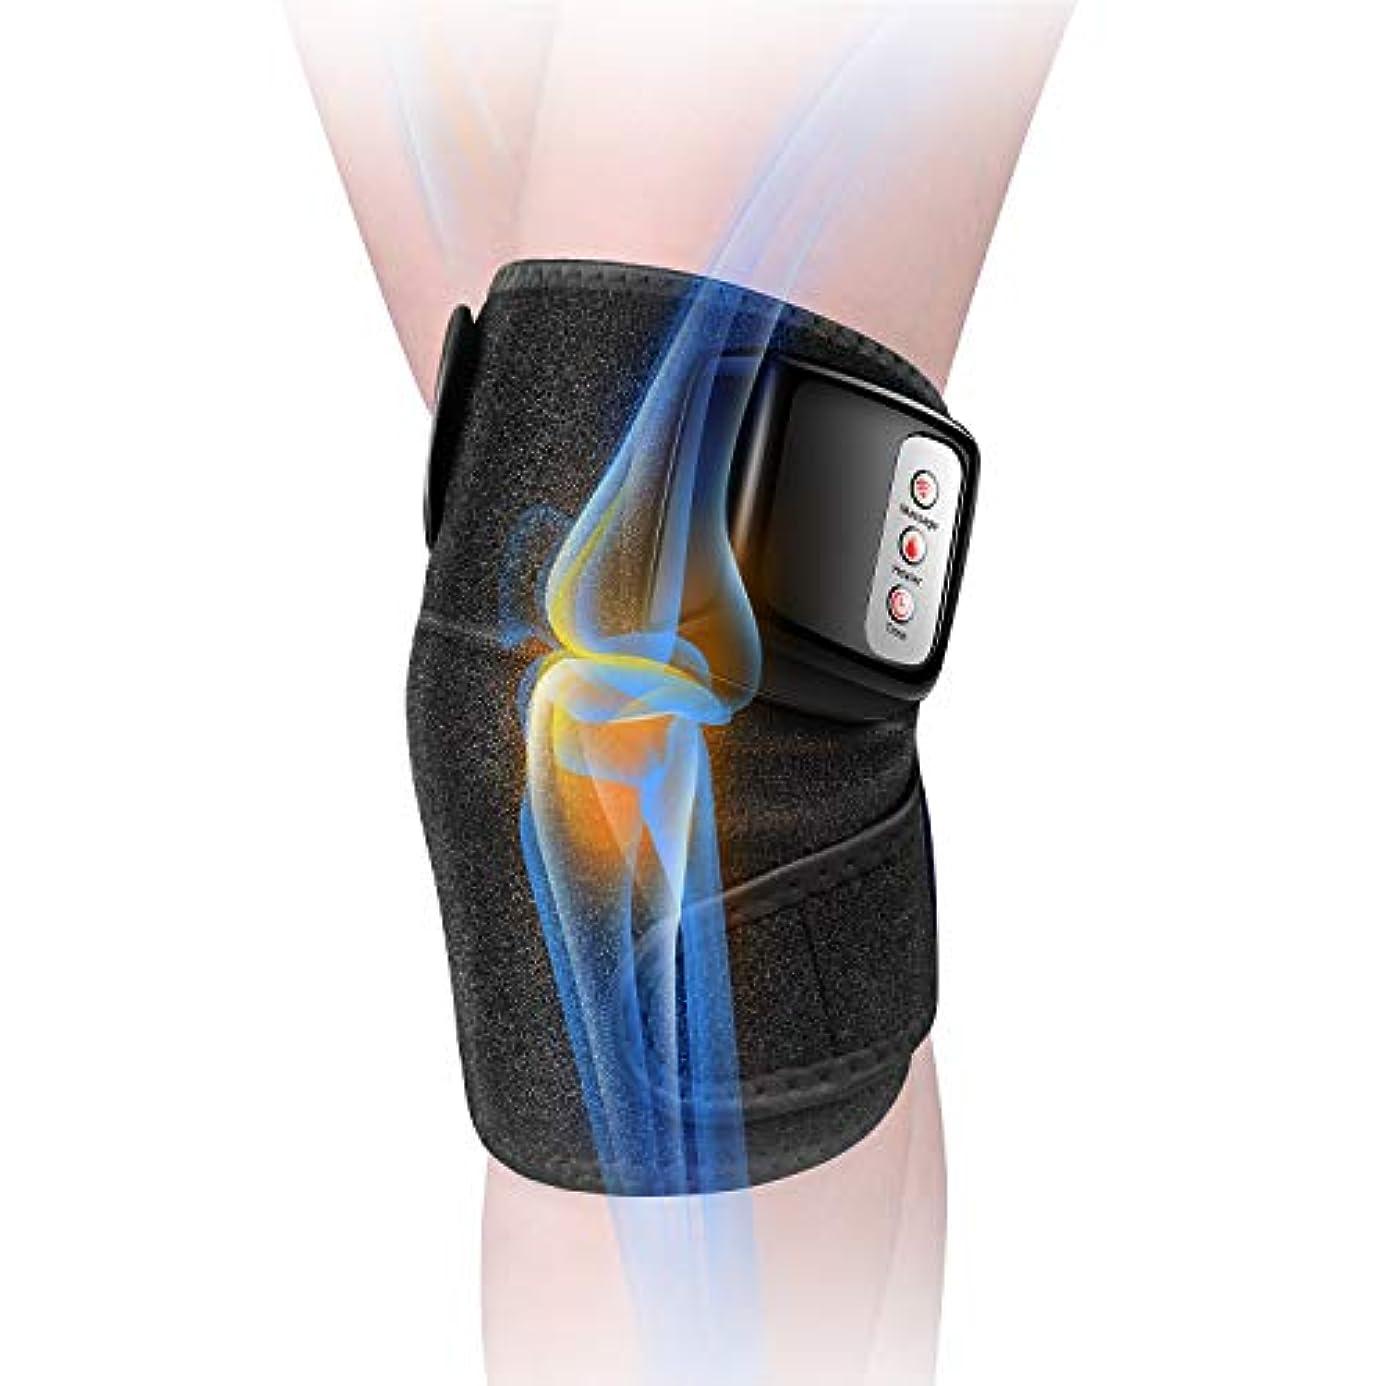 尋ねるマトロン対立膝マッサージャー 関節マッサージャー マッサージ器 フットマッサージャー 振動 赤外線療法 温熱療法 膝サポーター ストレス解消 肩 太もも/腕対応